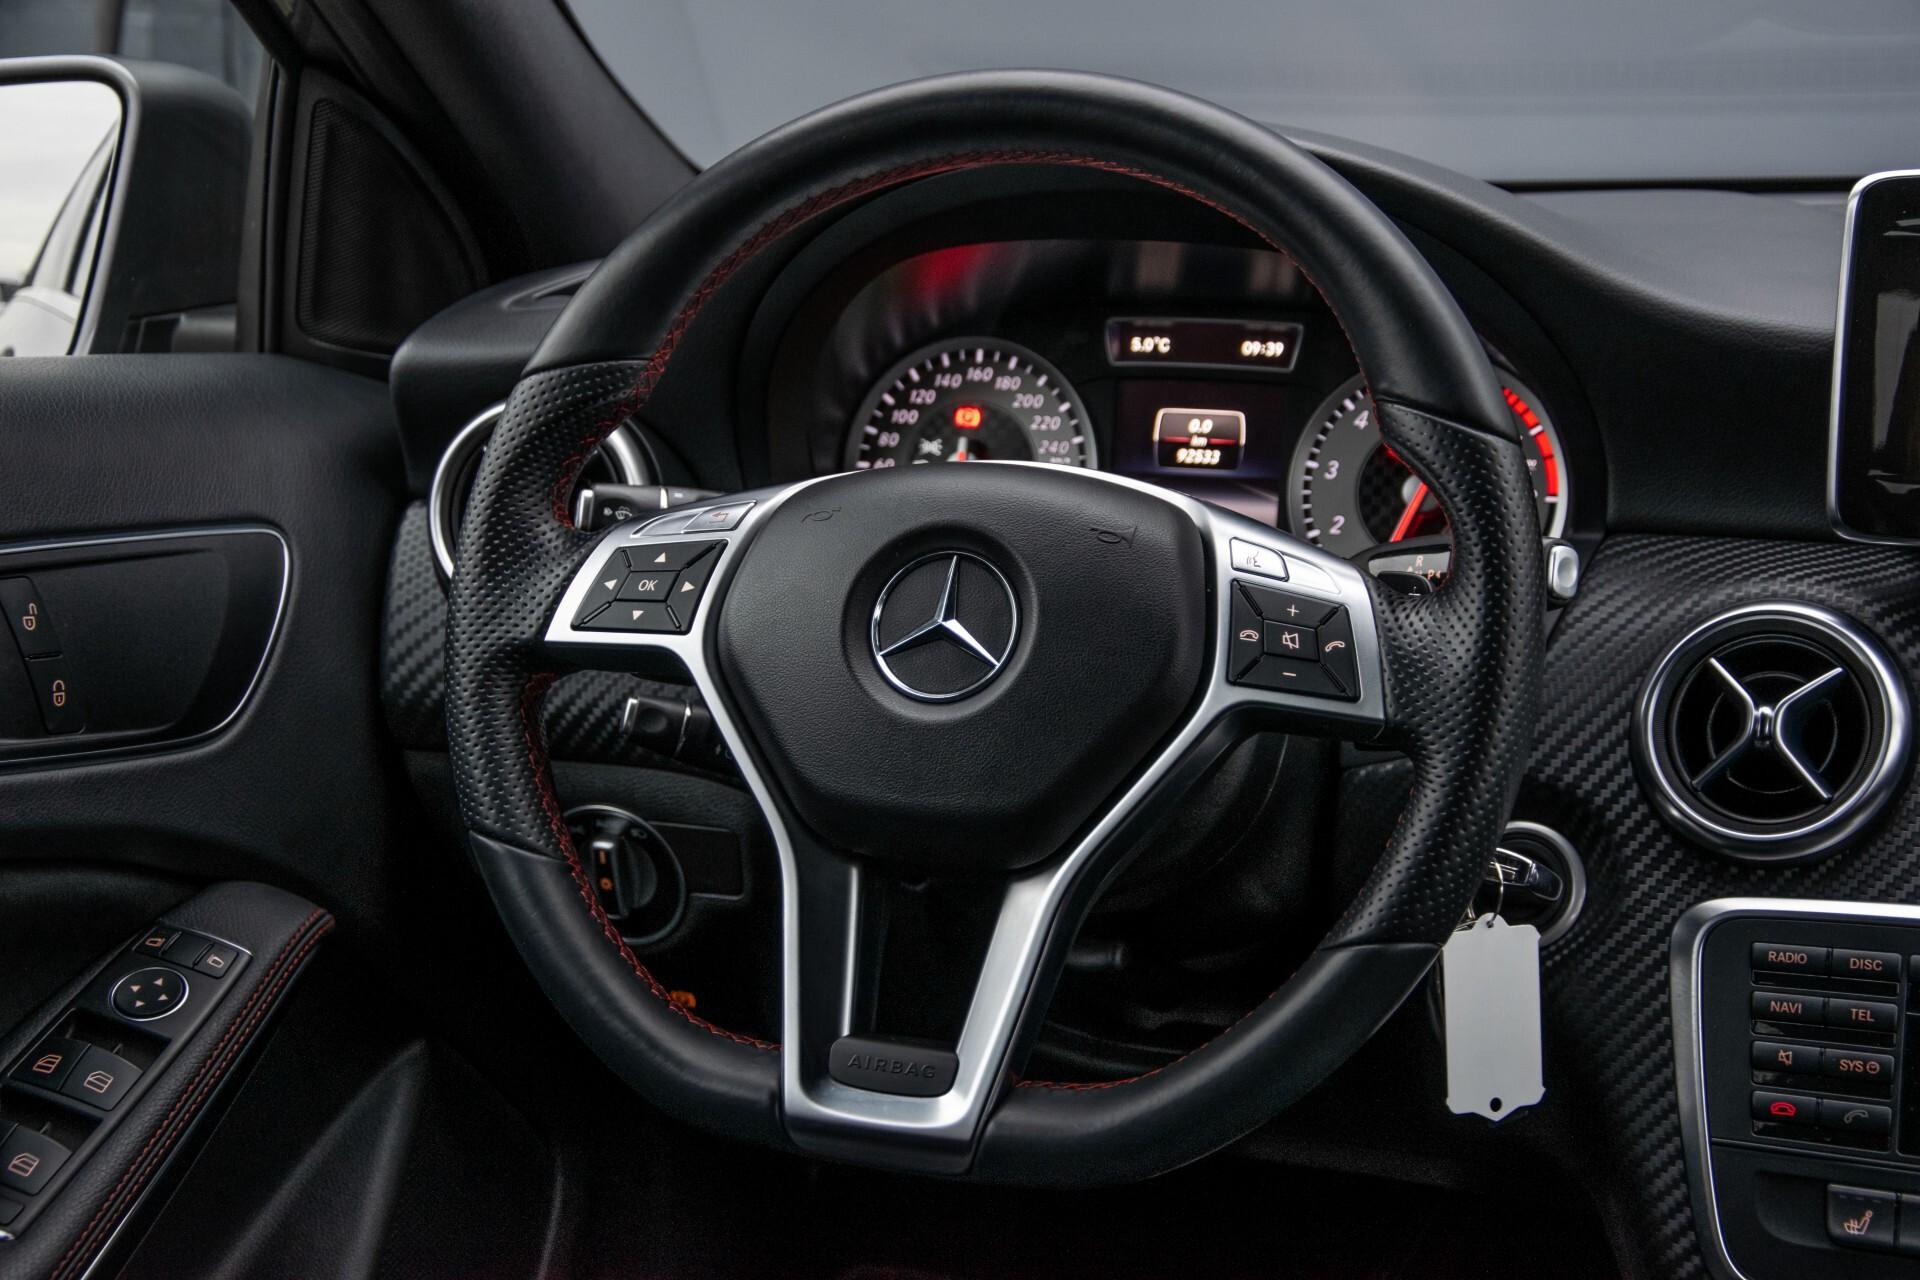 Mercedes-Benz A-Klasse 180 AMG Dynamic Handling/Camera/Xenon/Navi/Privacy Aut7 Foto 8